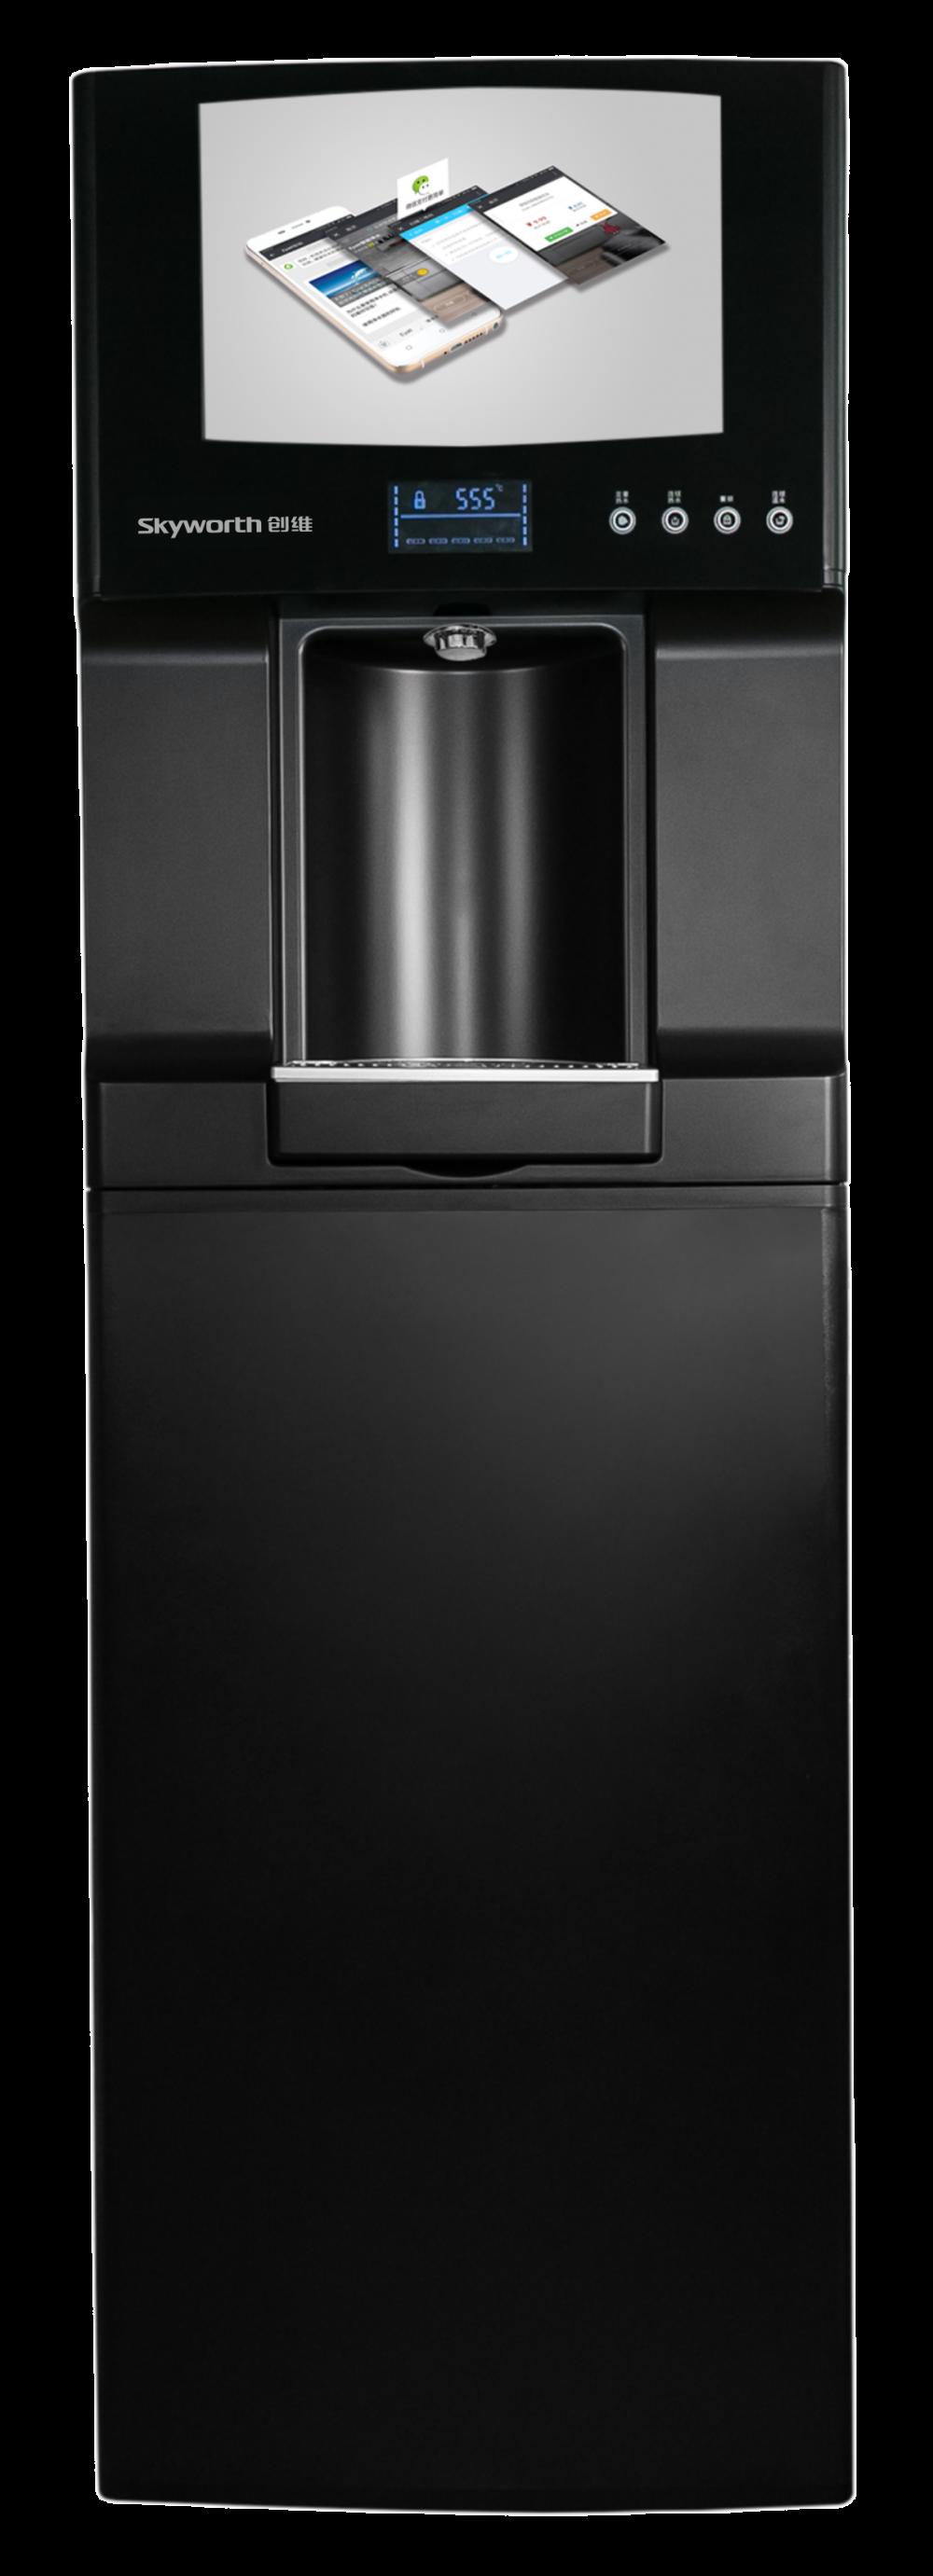 创维共享饮水媒体机SW400-G